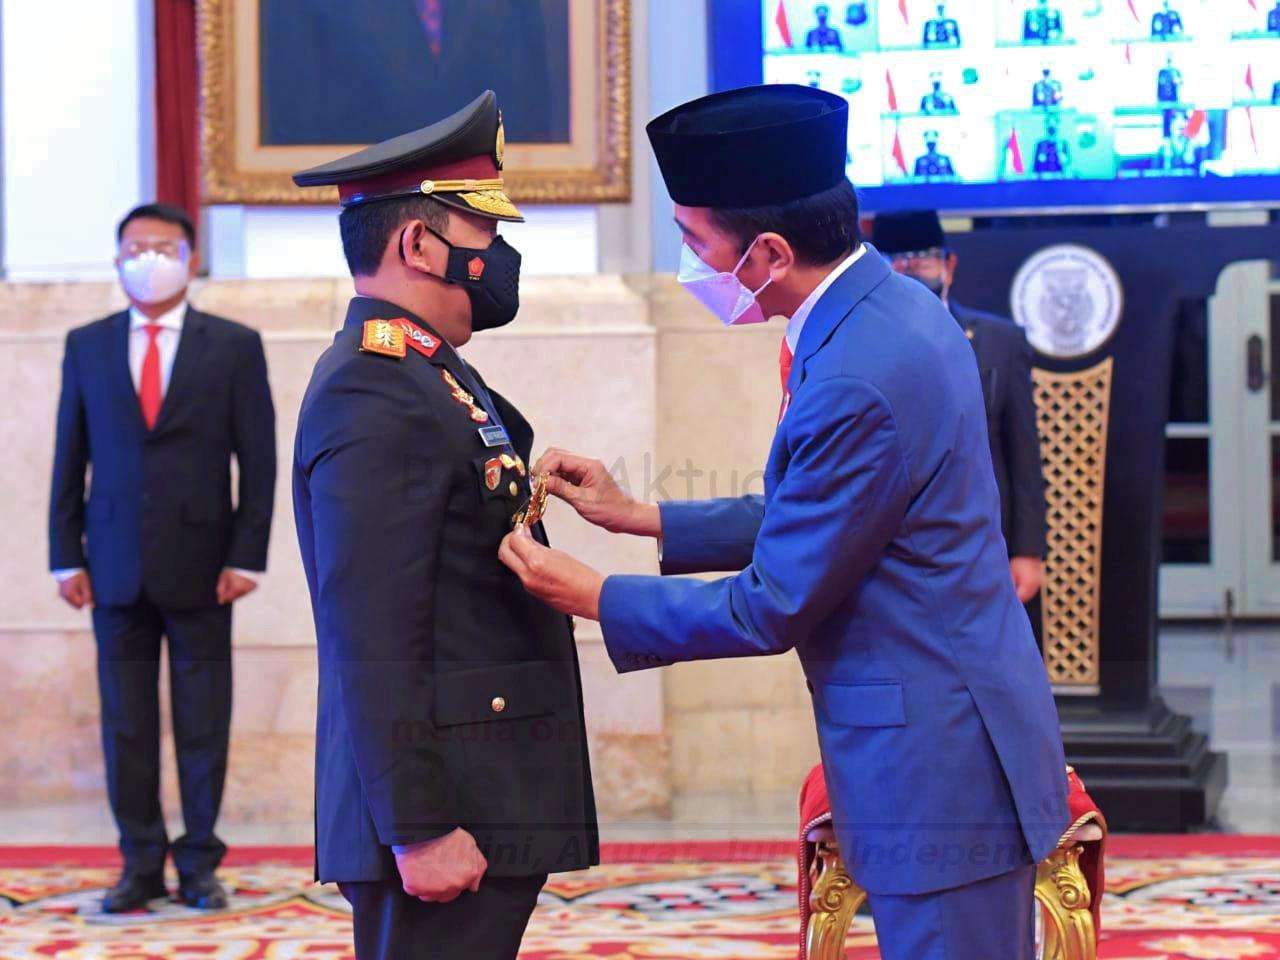 Jenderal Idham Azis Serahkan Panji Polri Tribrata Kepada Jenderal Listyo Sigit 4 IMG 20210127 173937 1